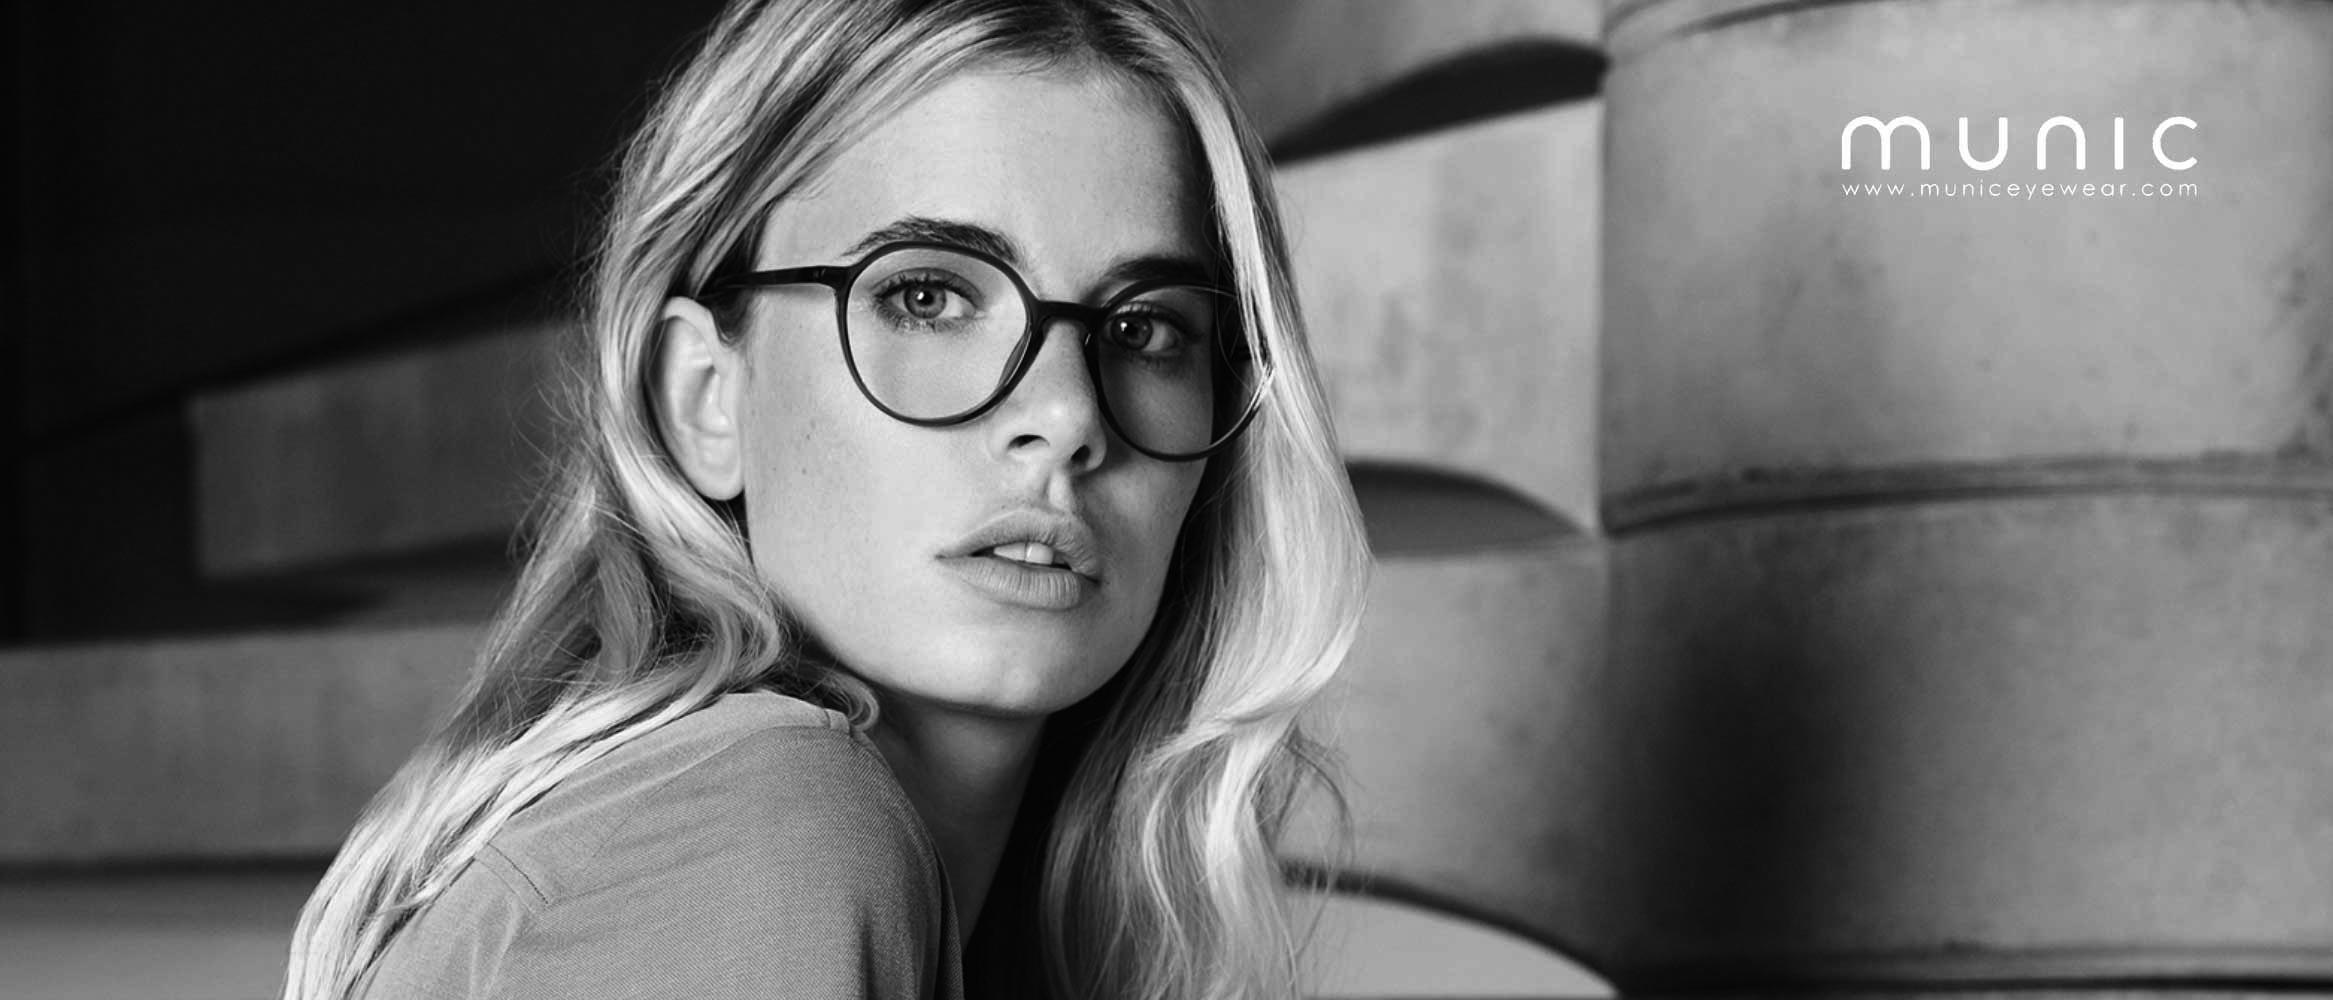 stylische Brillen von munic eyewear bei optik ganz in Krumbach